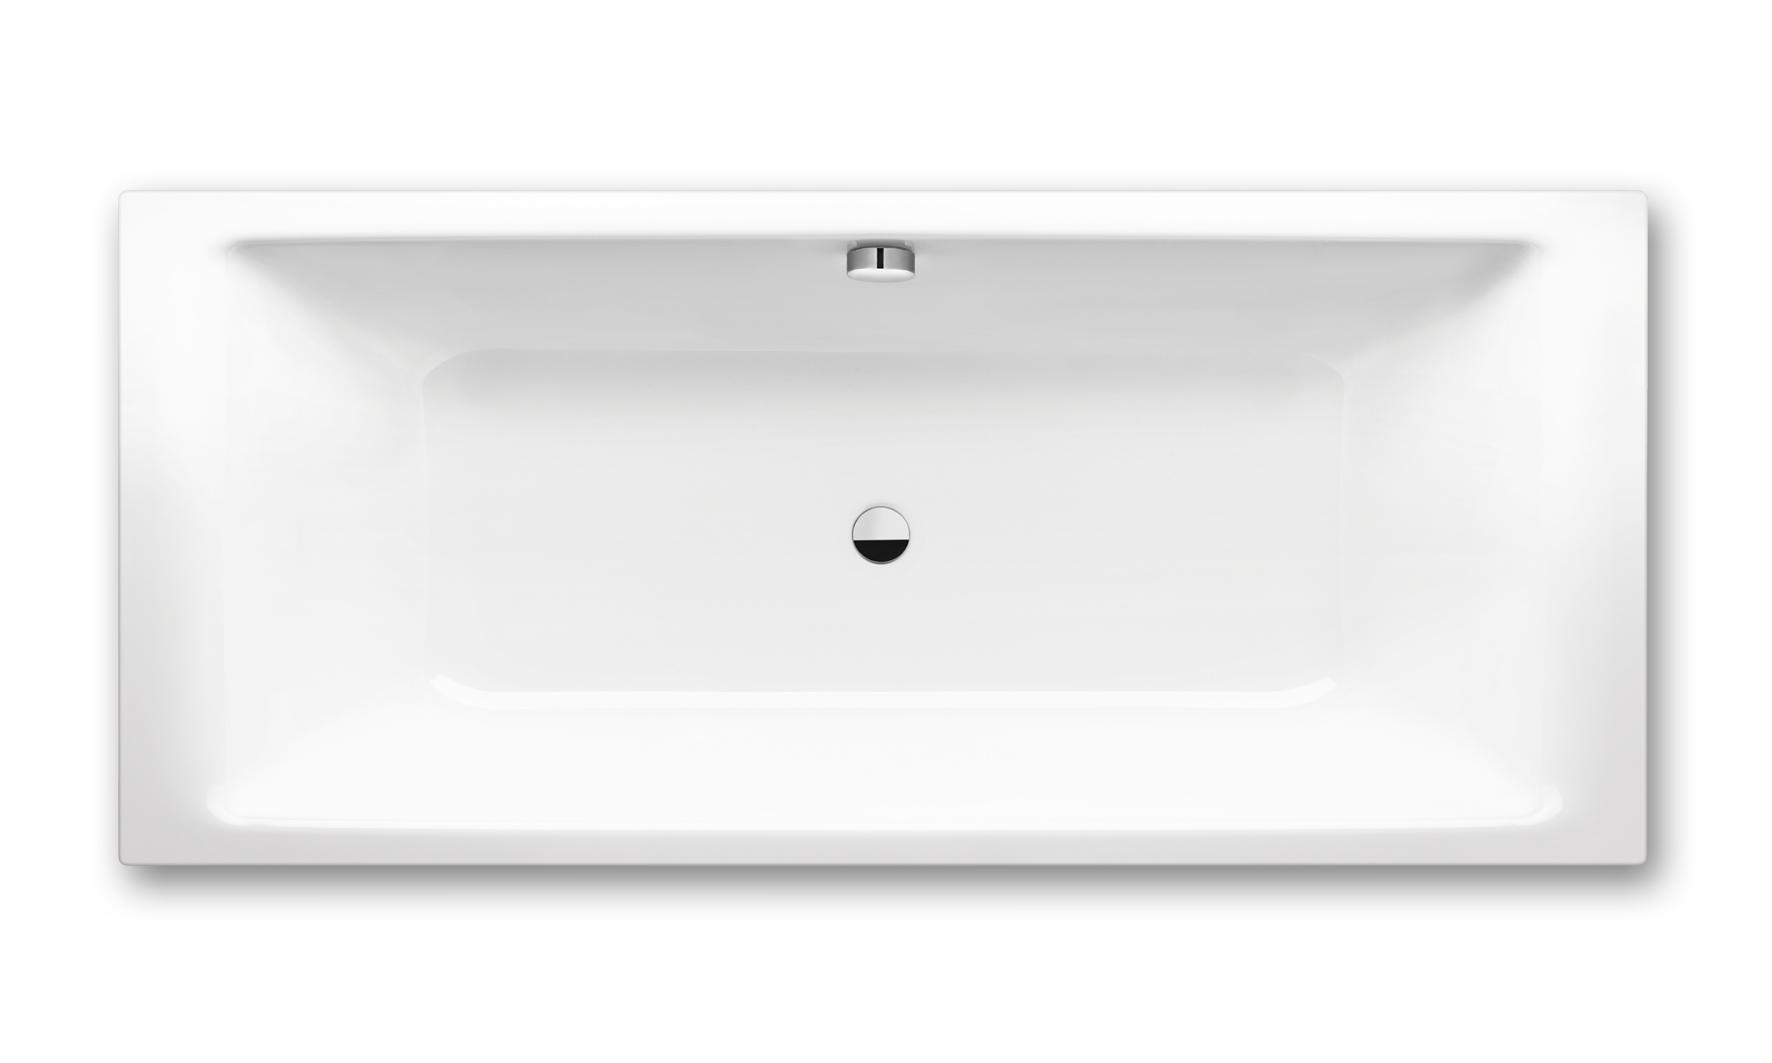 Bekannt VITA modular Stahl-Badewanne m.einseit.Griffloch,m.Mittelablauf VH94